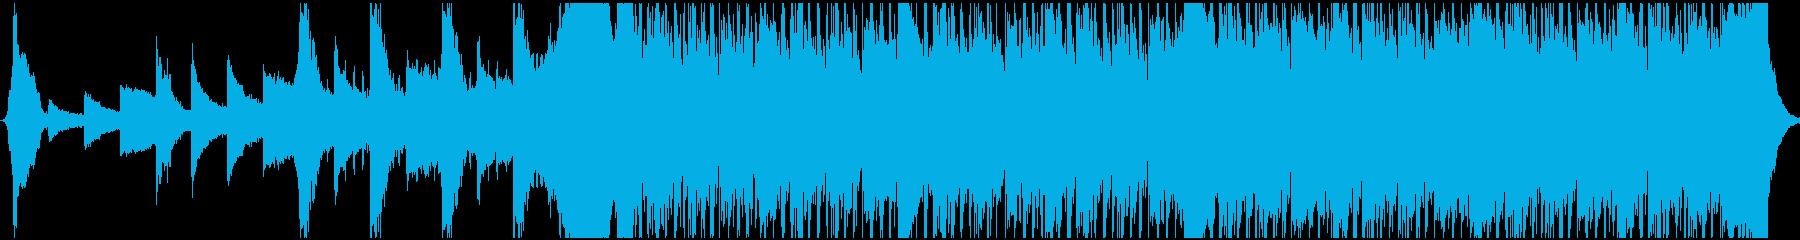 クラシック交響曲 広い 壮大 劇的...の再生済みの波形